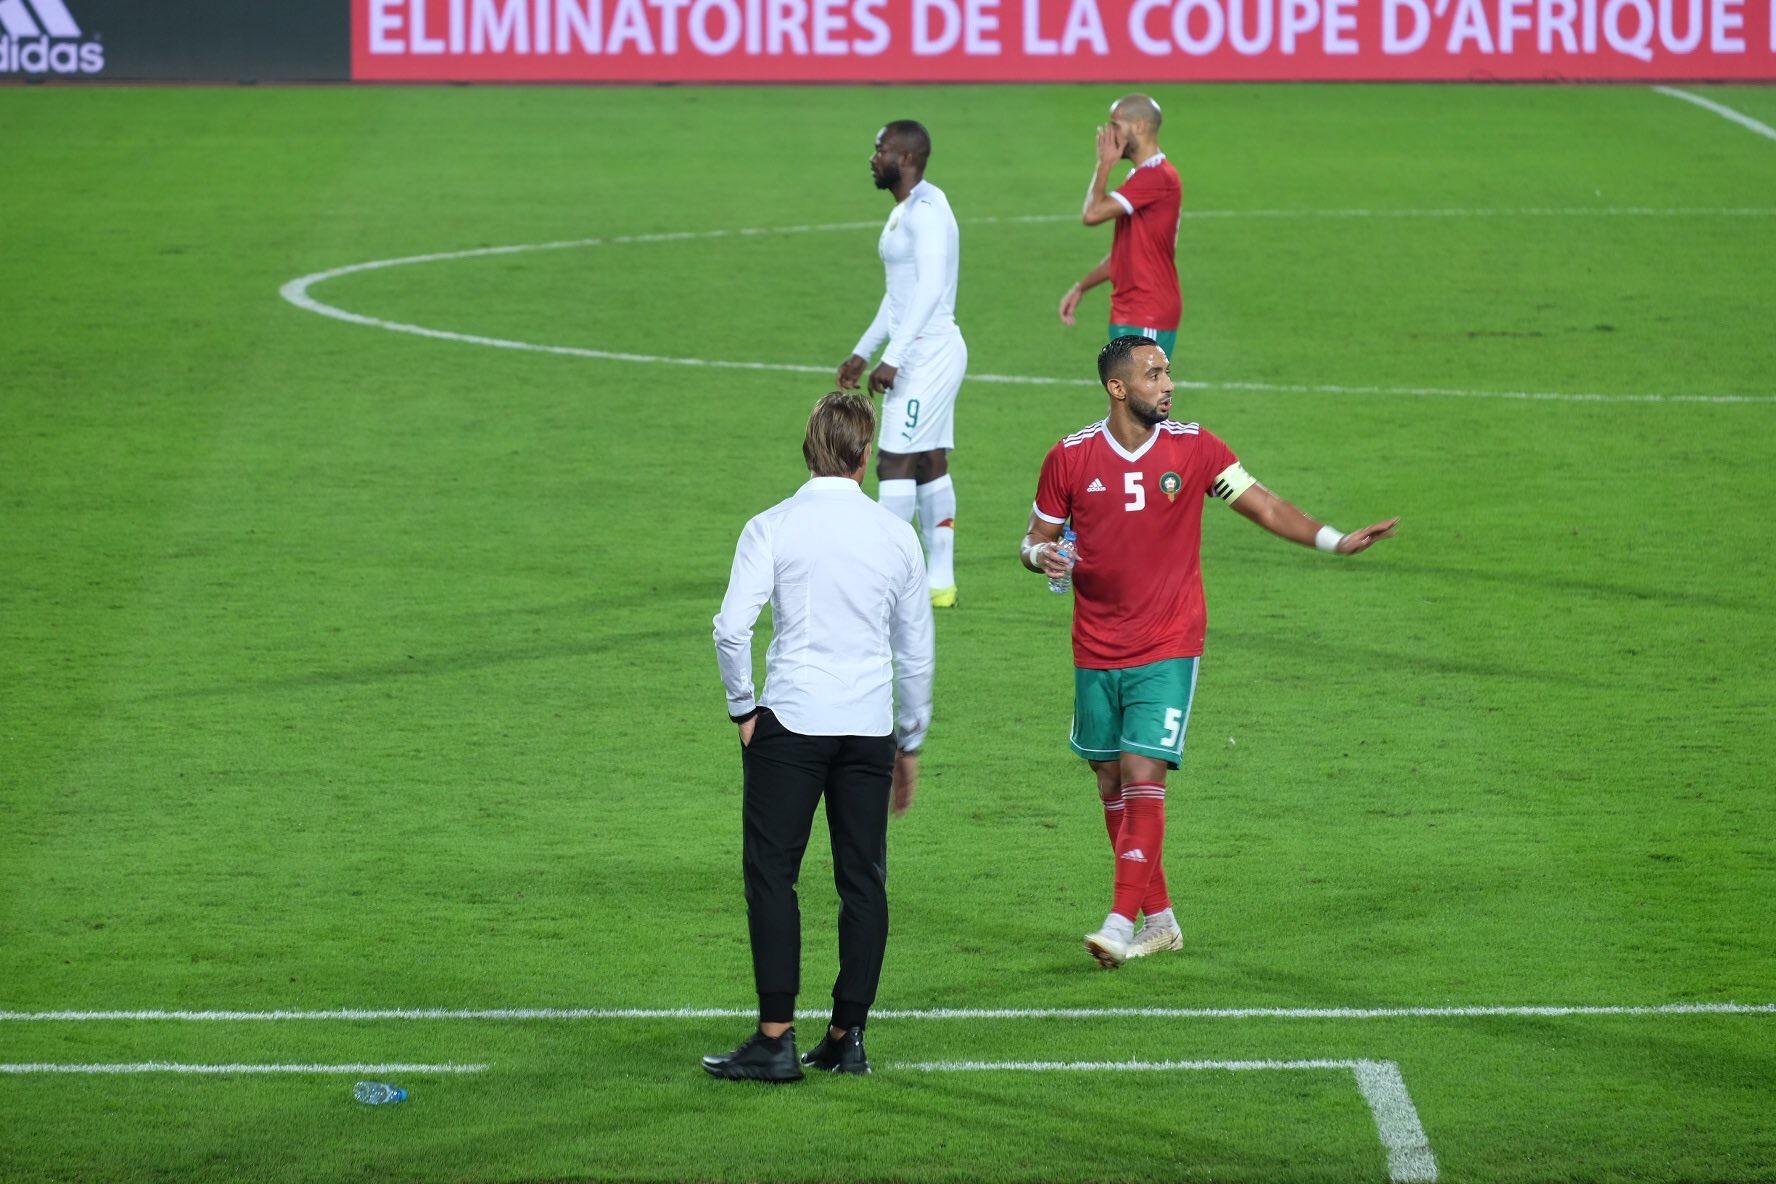 رونار: على المغاربة أن يفخروا بلاعبي منتخبهم وتقديم الدعم الكامل لهم